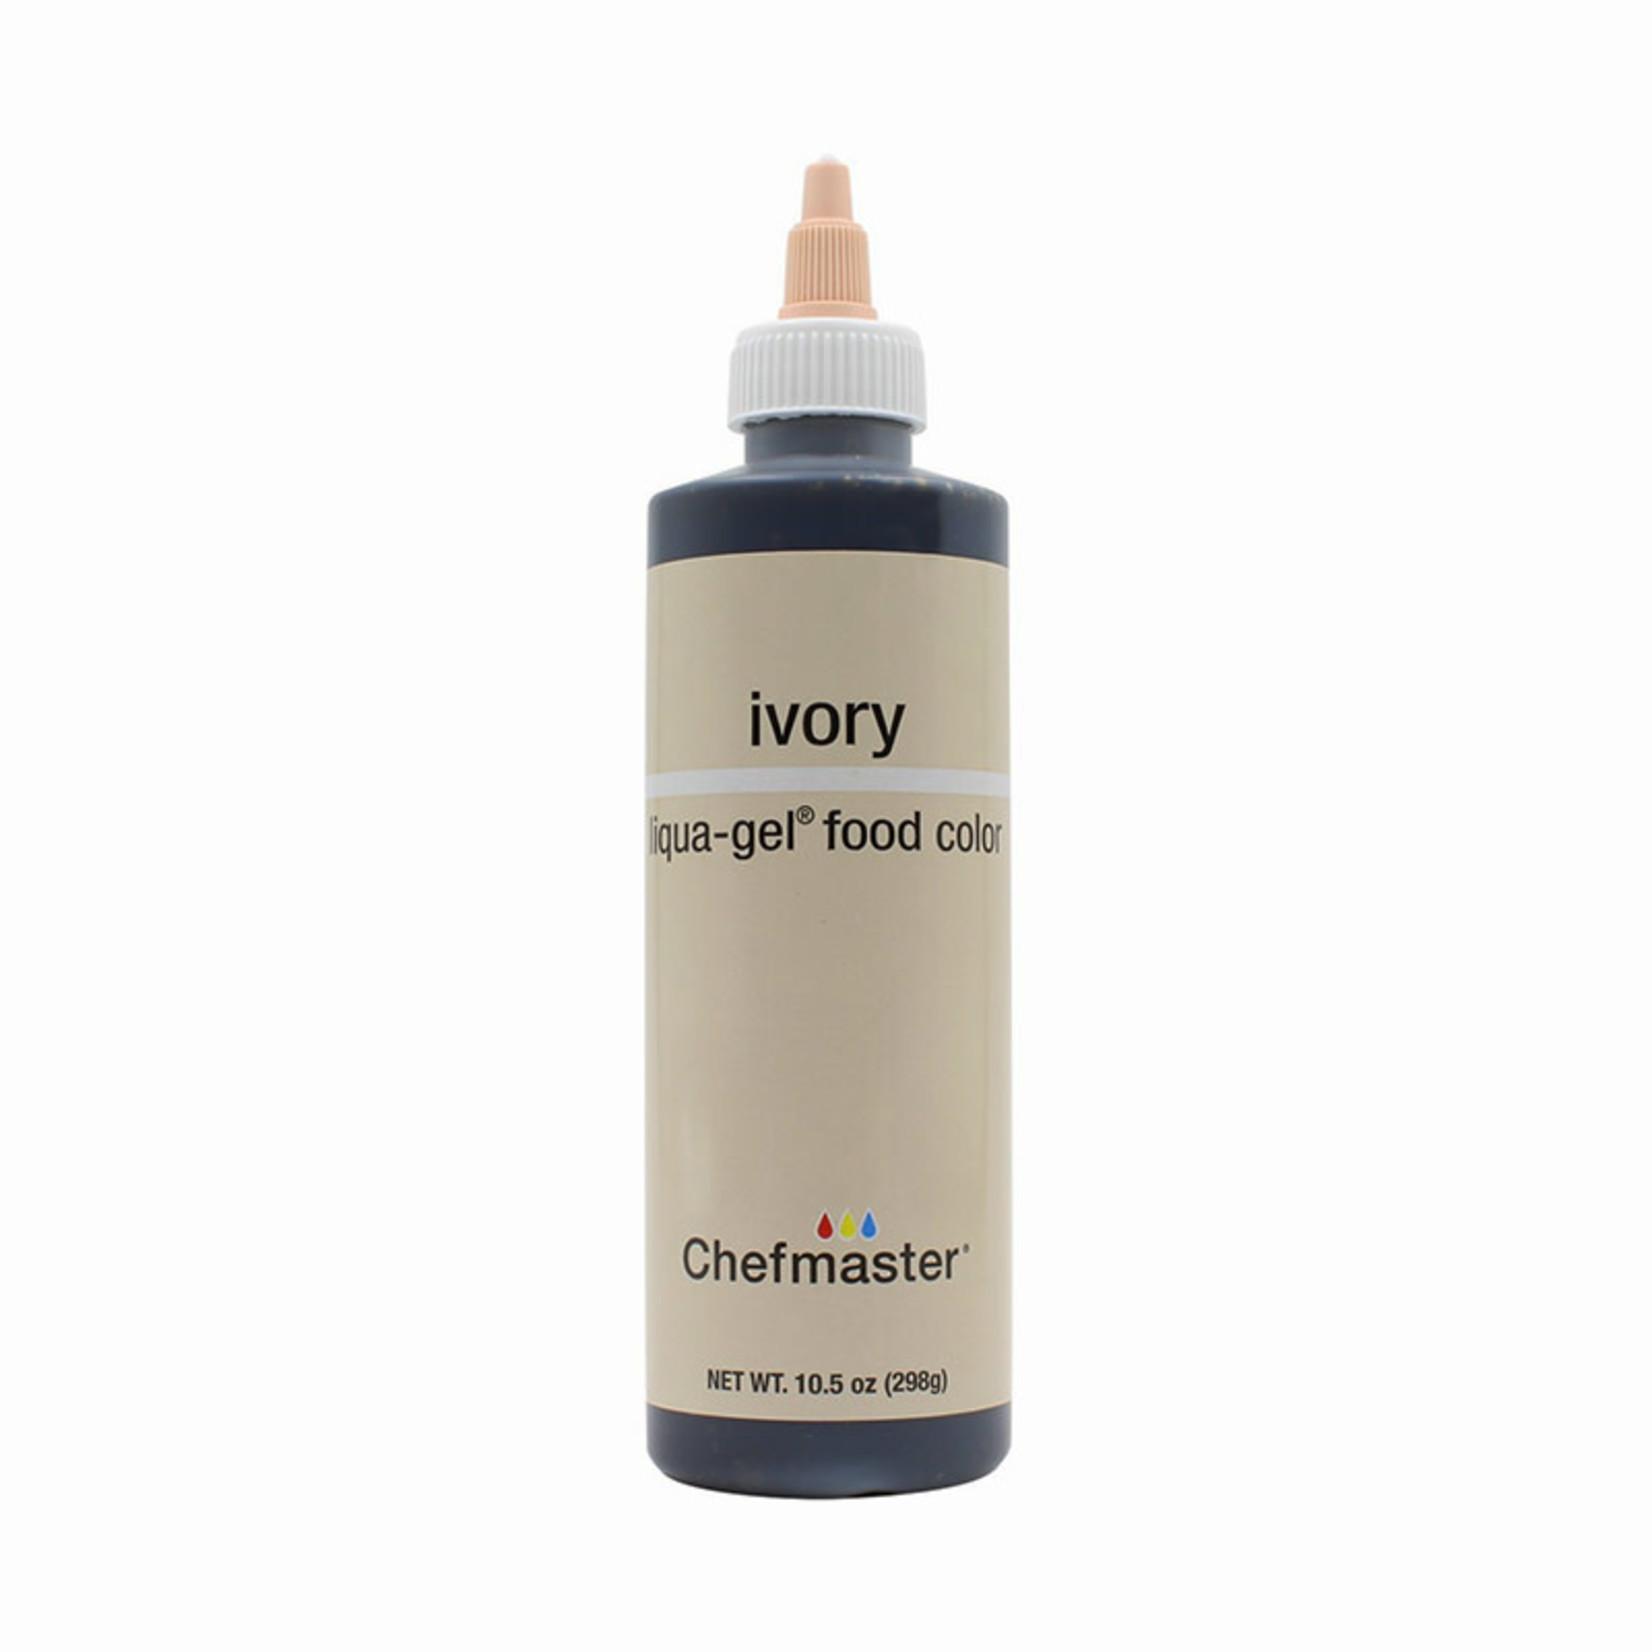 Chefmaster Chefmaster - Ivory Gel food color - 10.5oz